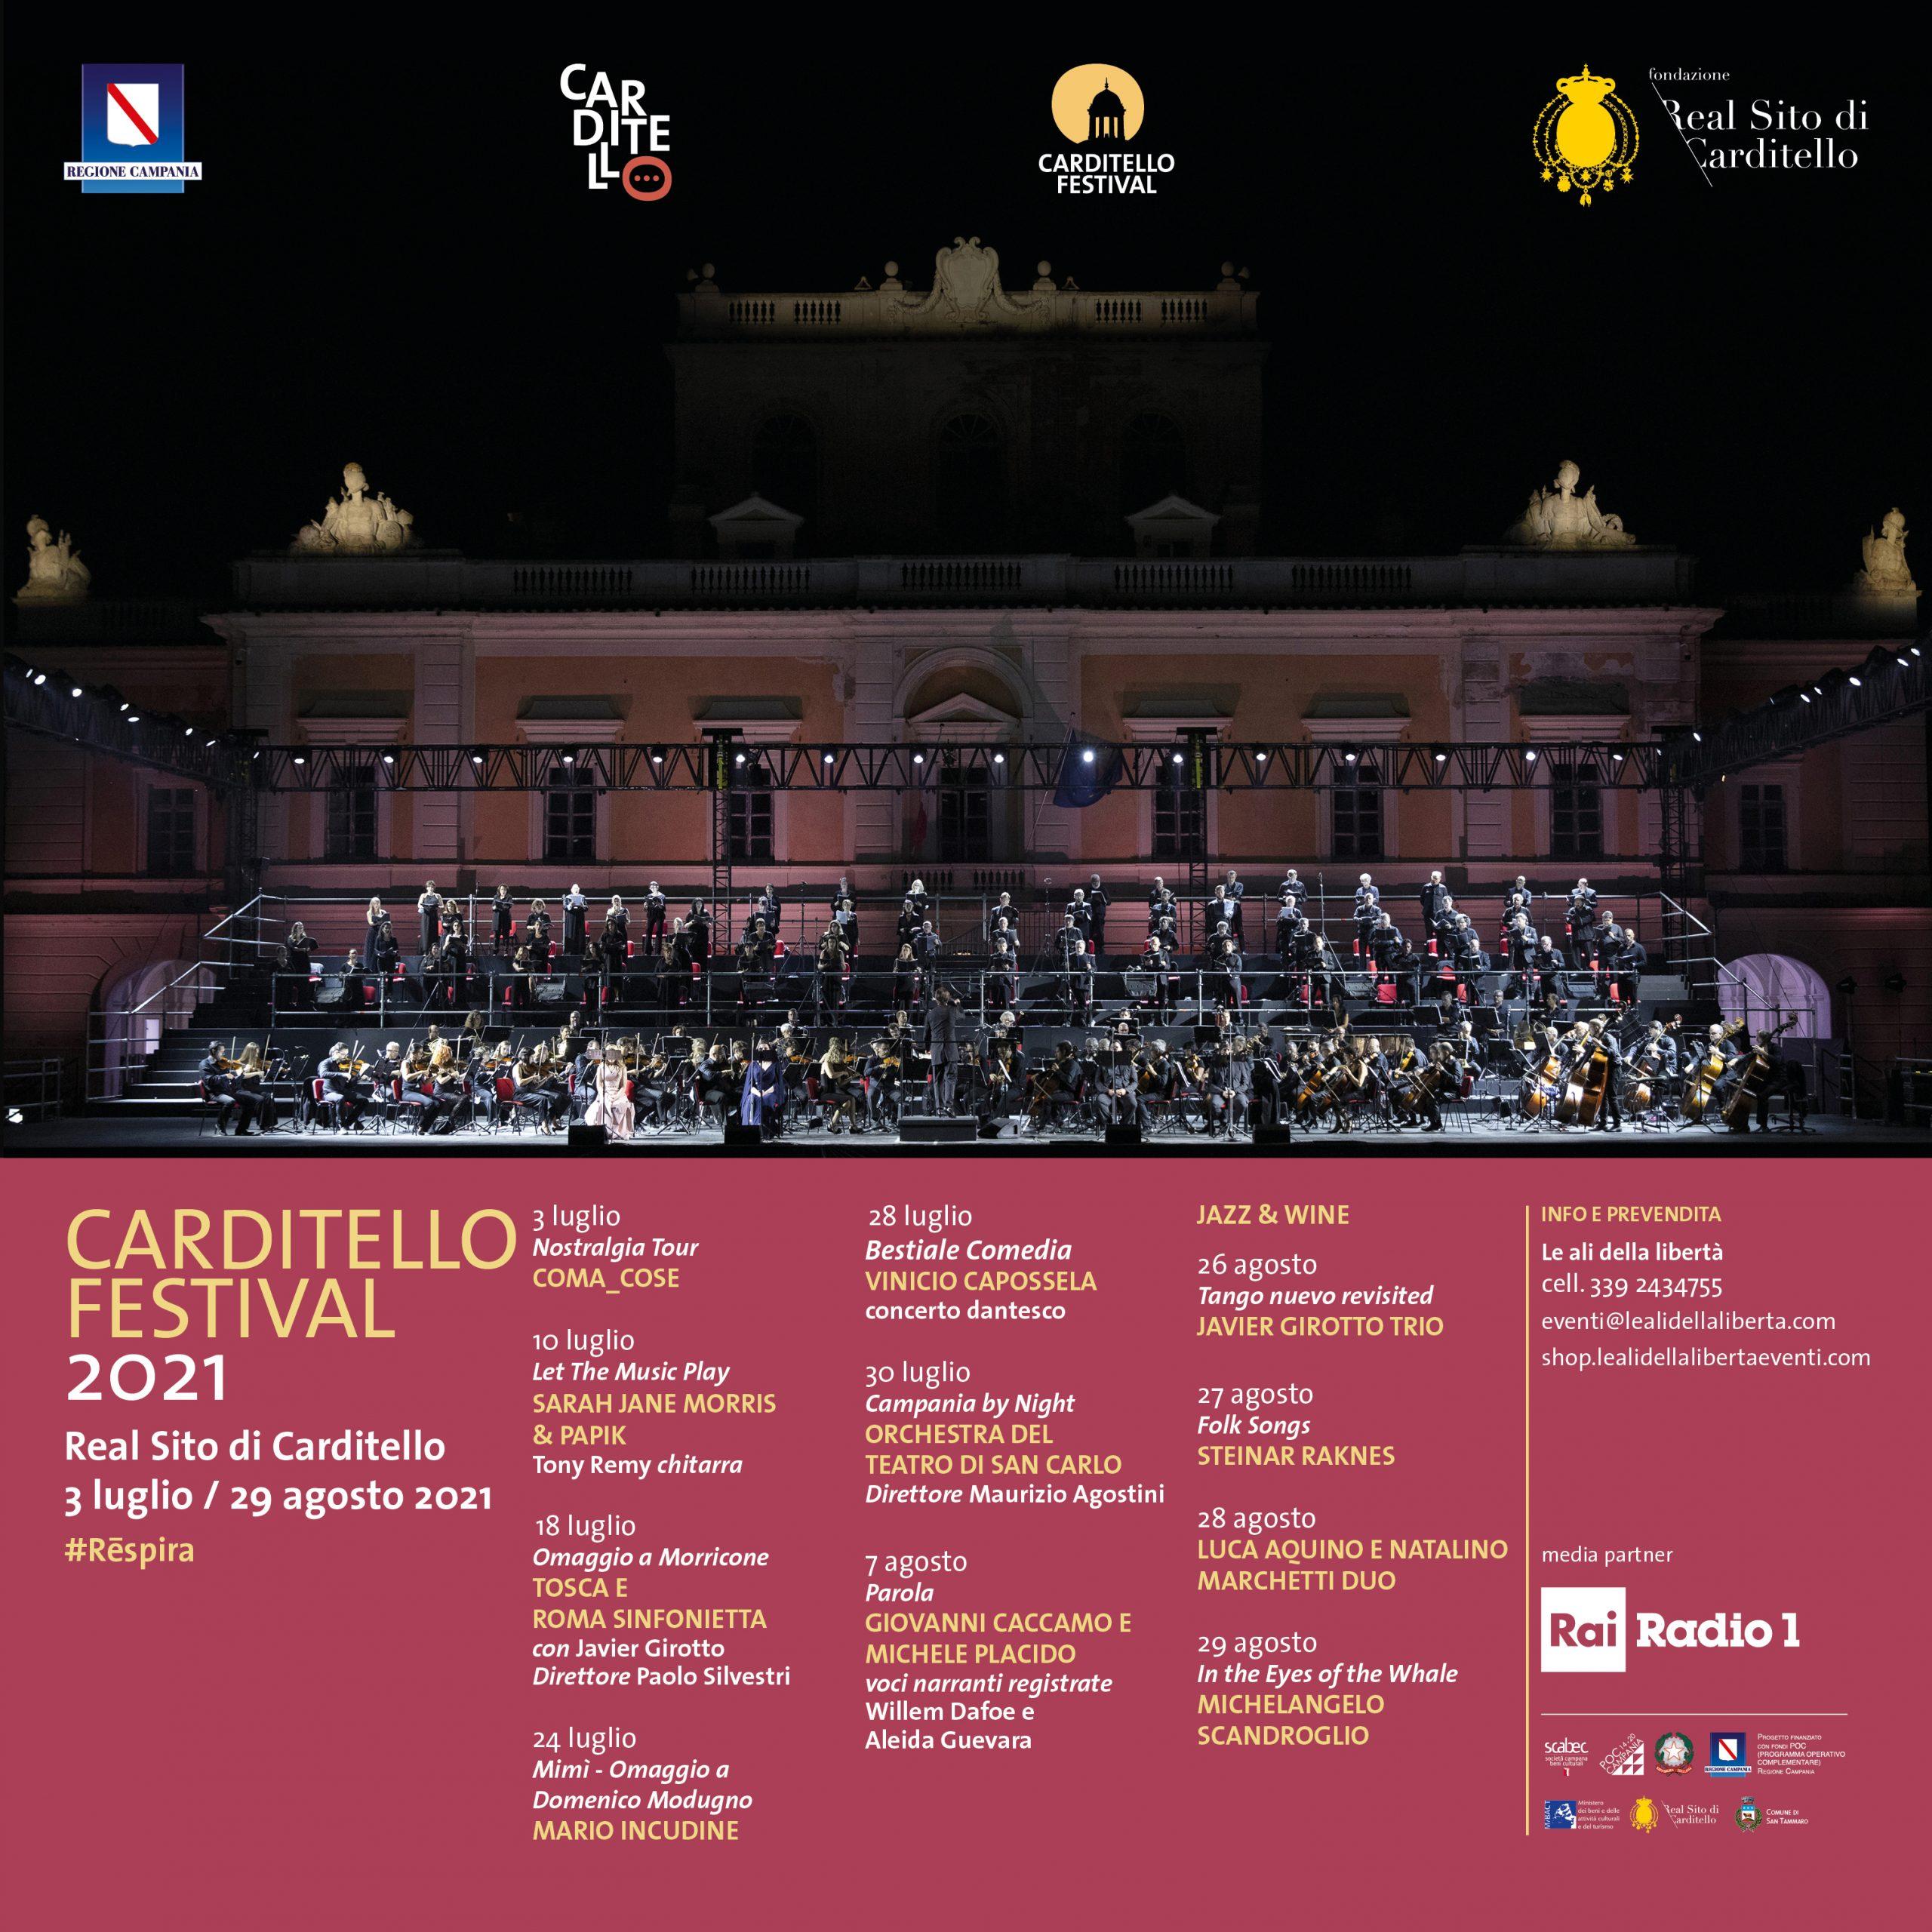 CAR post social festival2021 con scaled CARDITELLO FESTIVAL, LA REGGIA RINASCE CON LA GRANDE MUSICA E VOLI IN MONGOLFIERA